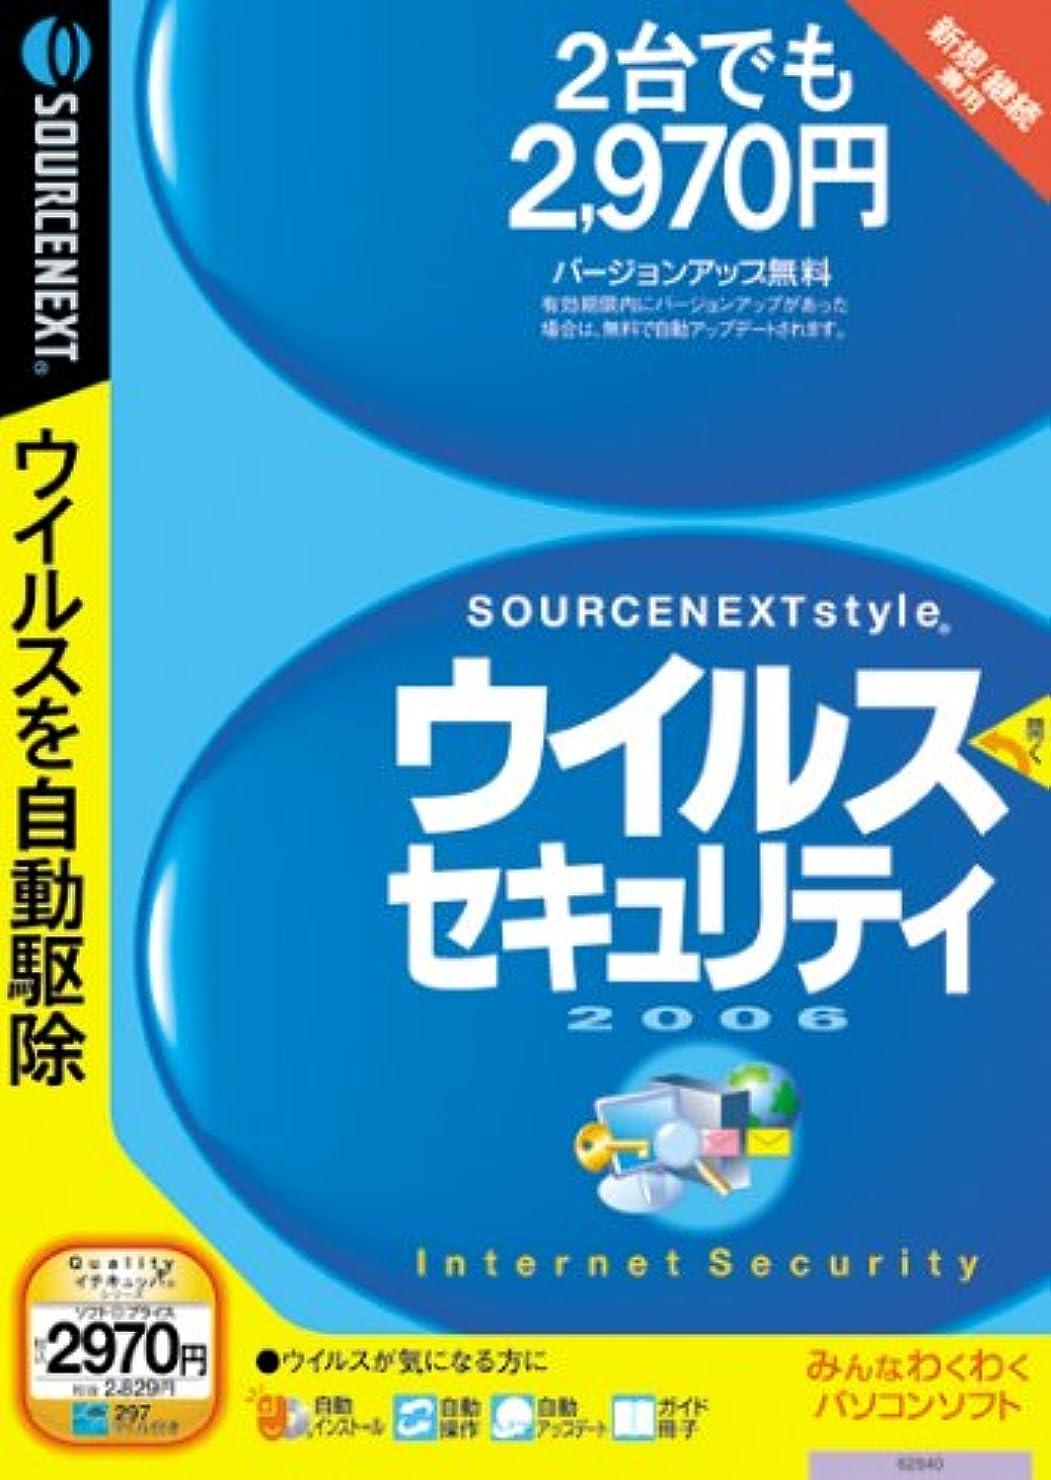 ホバート変装満了ウイルスセキュリティ 2006 2台用 (説明扉付きスリムパッケージ版)